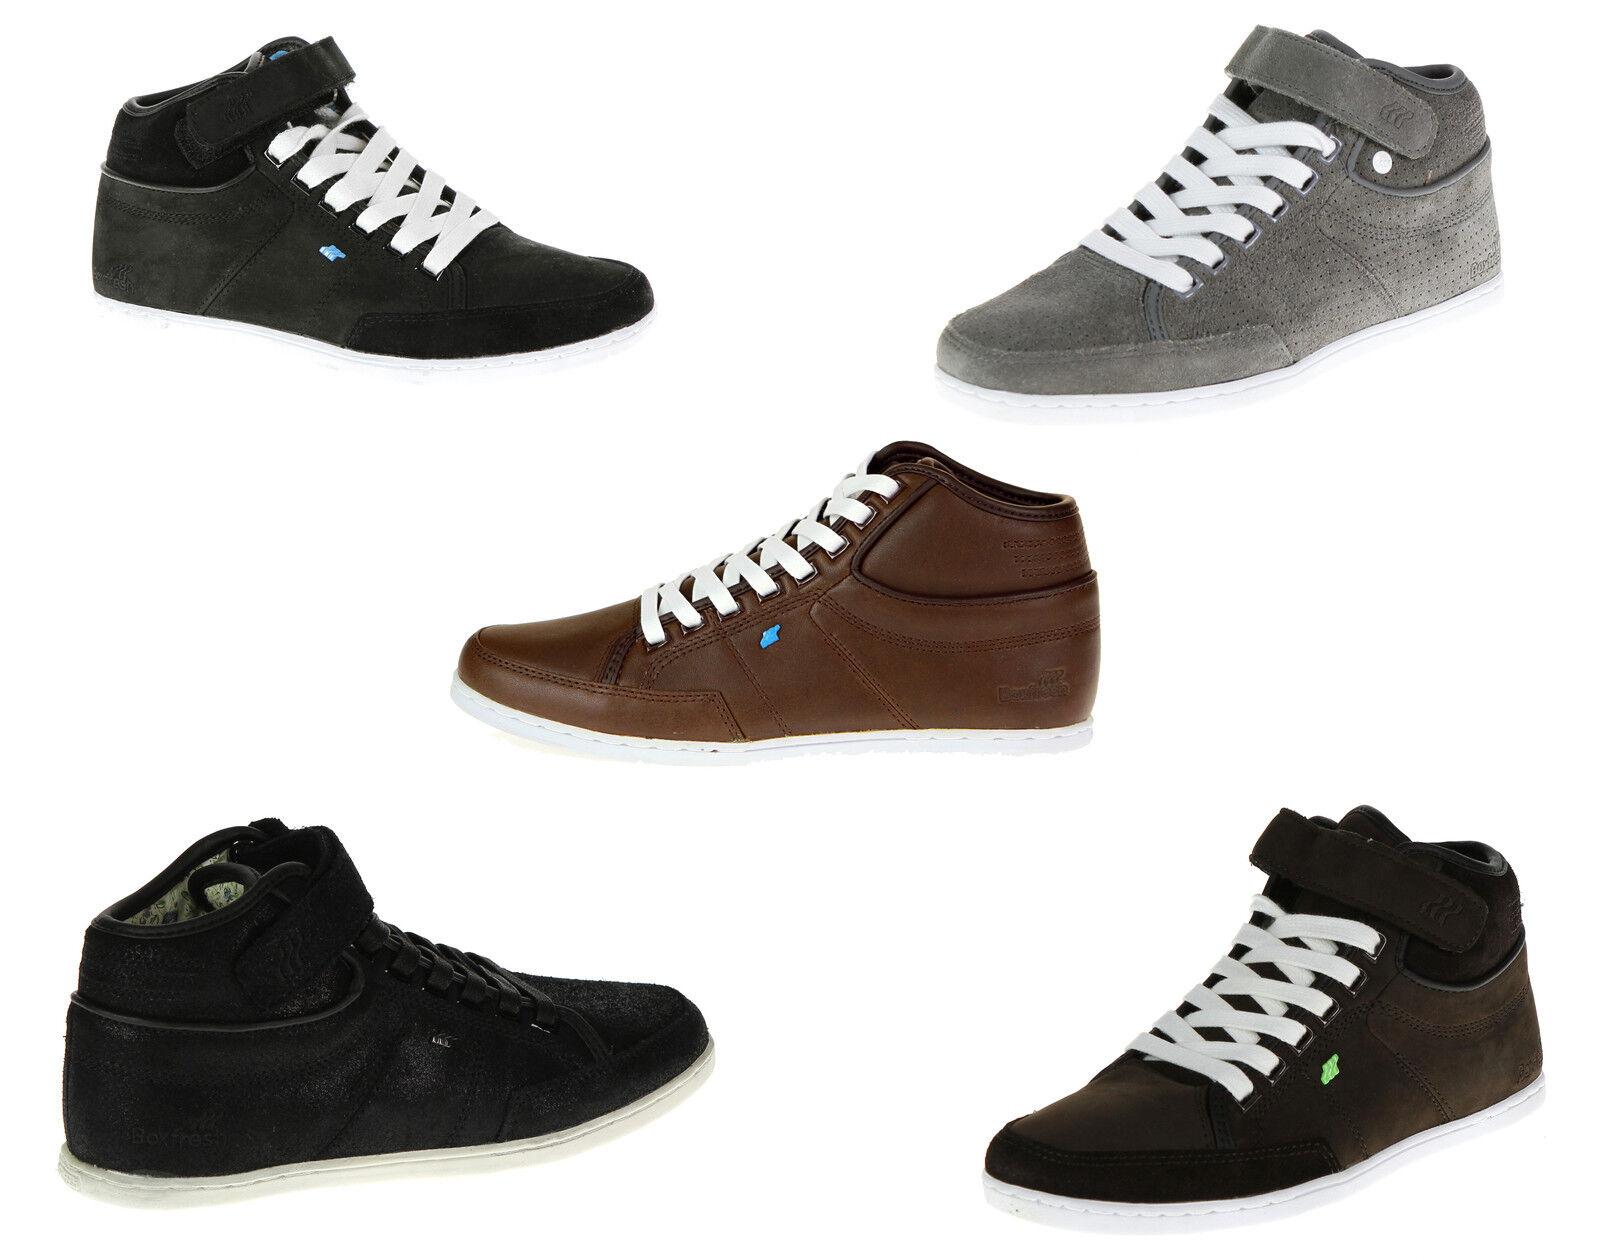 Boxfresh Damen Leder Trend Sneakers Schuhe Stiefel Swapp, Swich